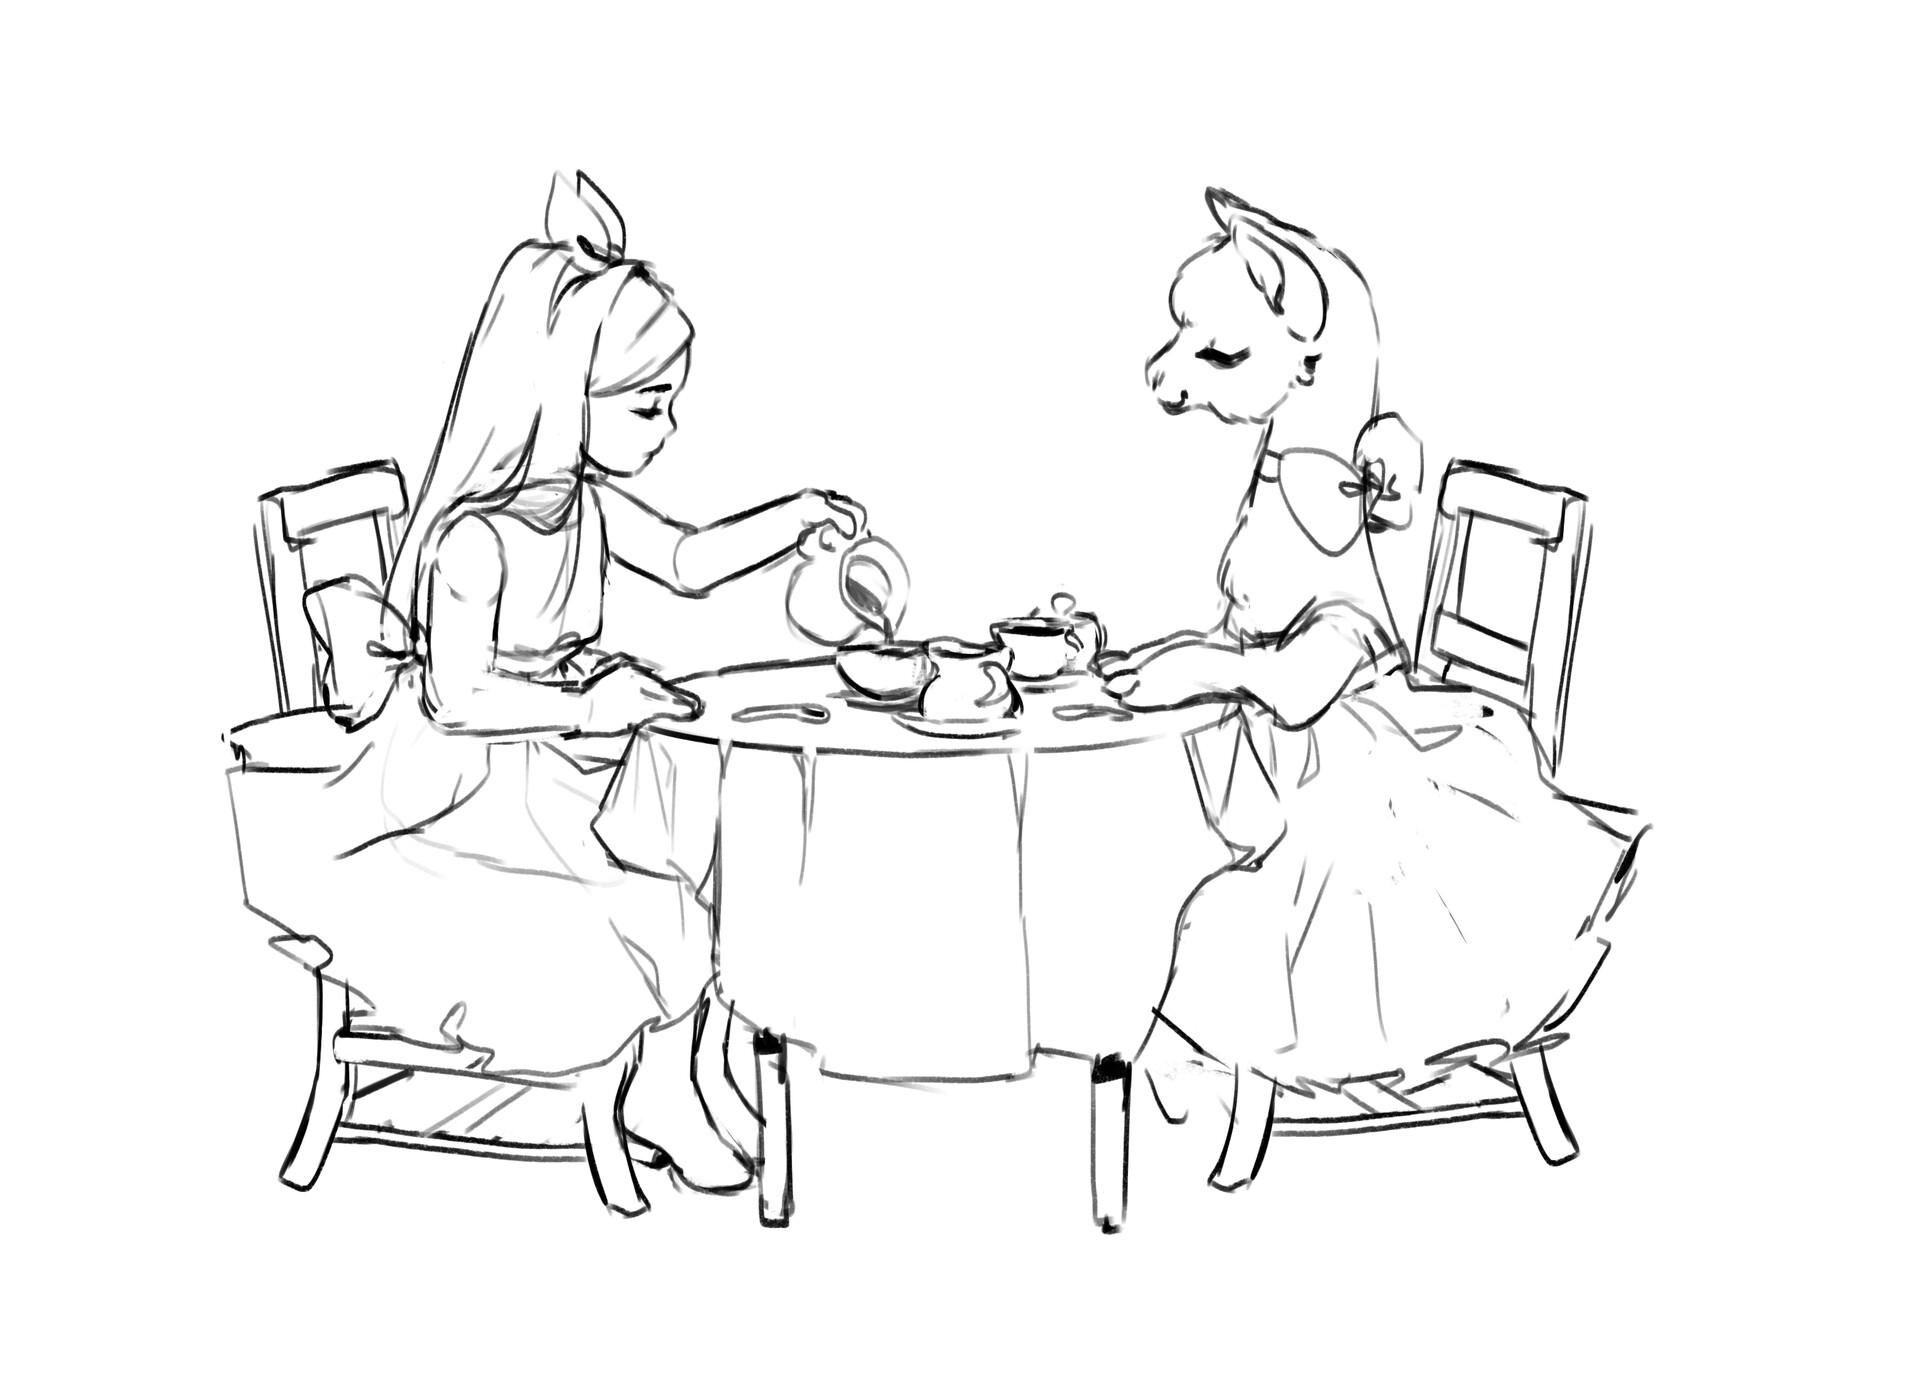 Dani kruse teaparty sketch